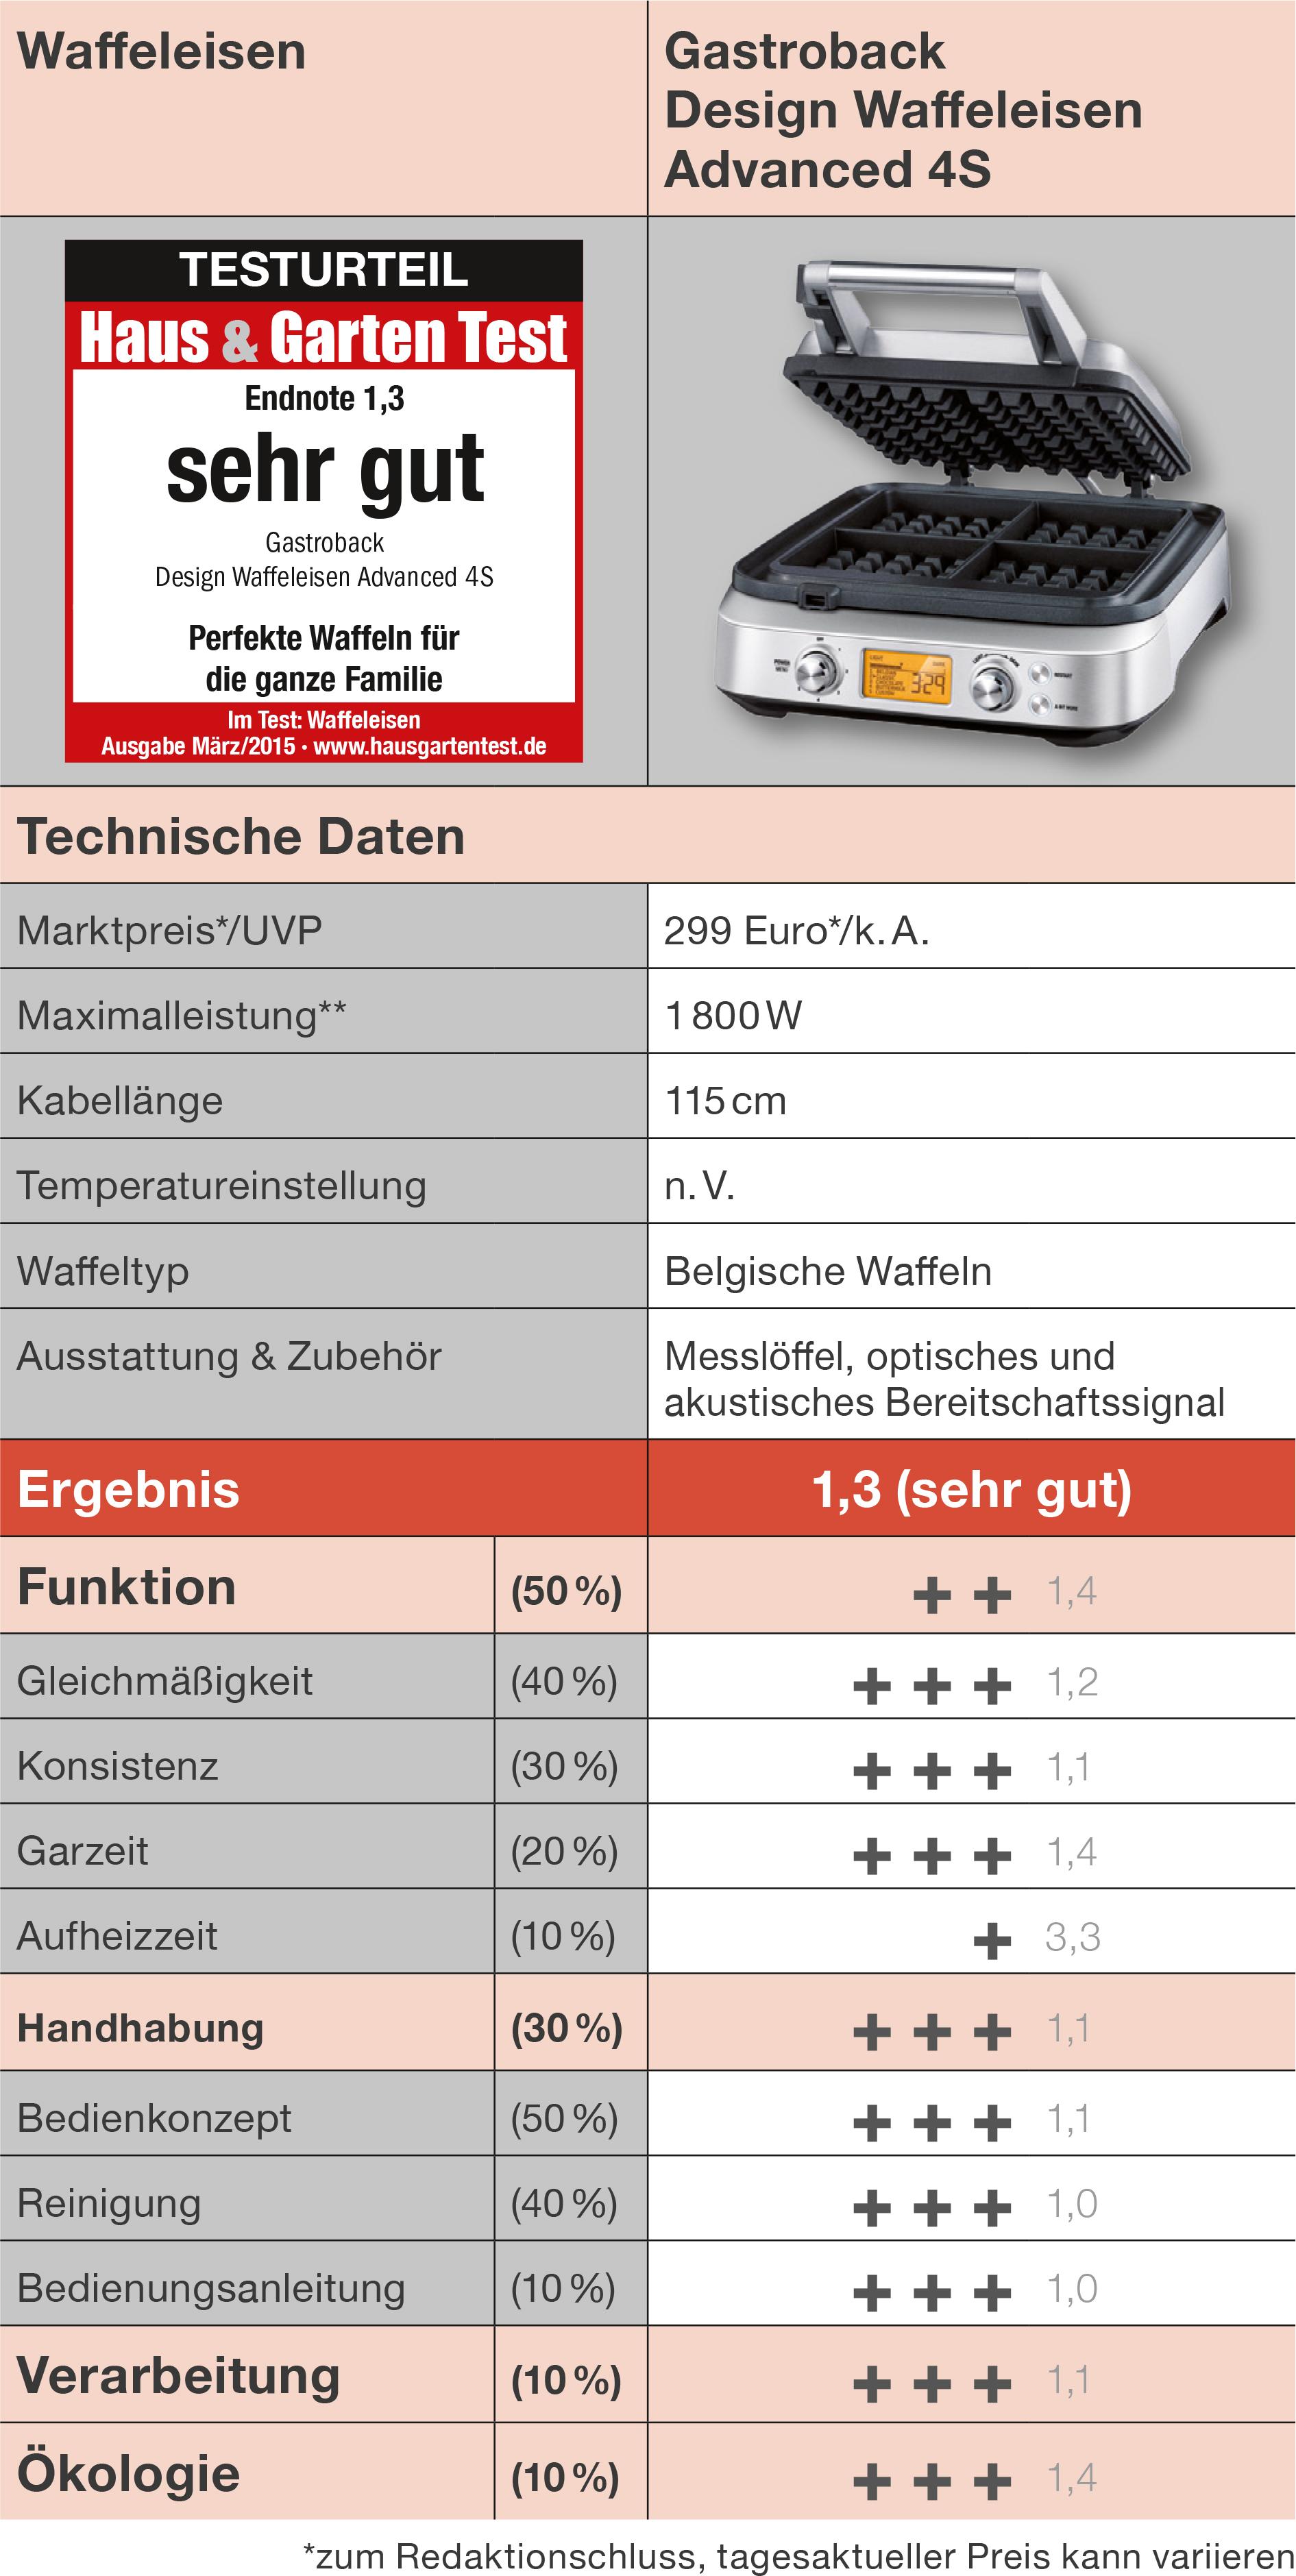 © Gastroback, Auerbach Verlag